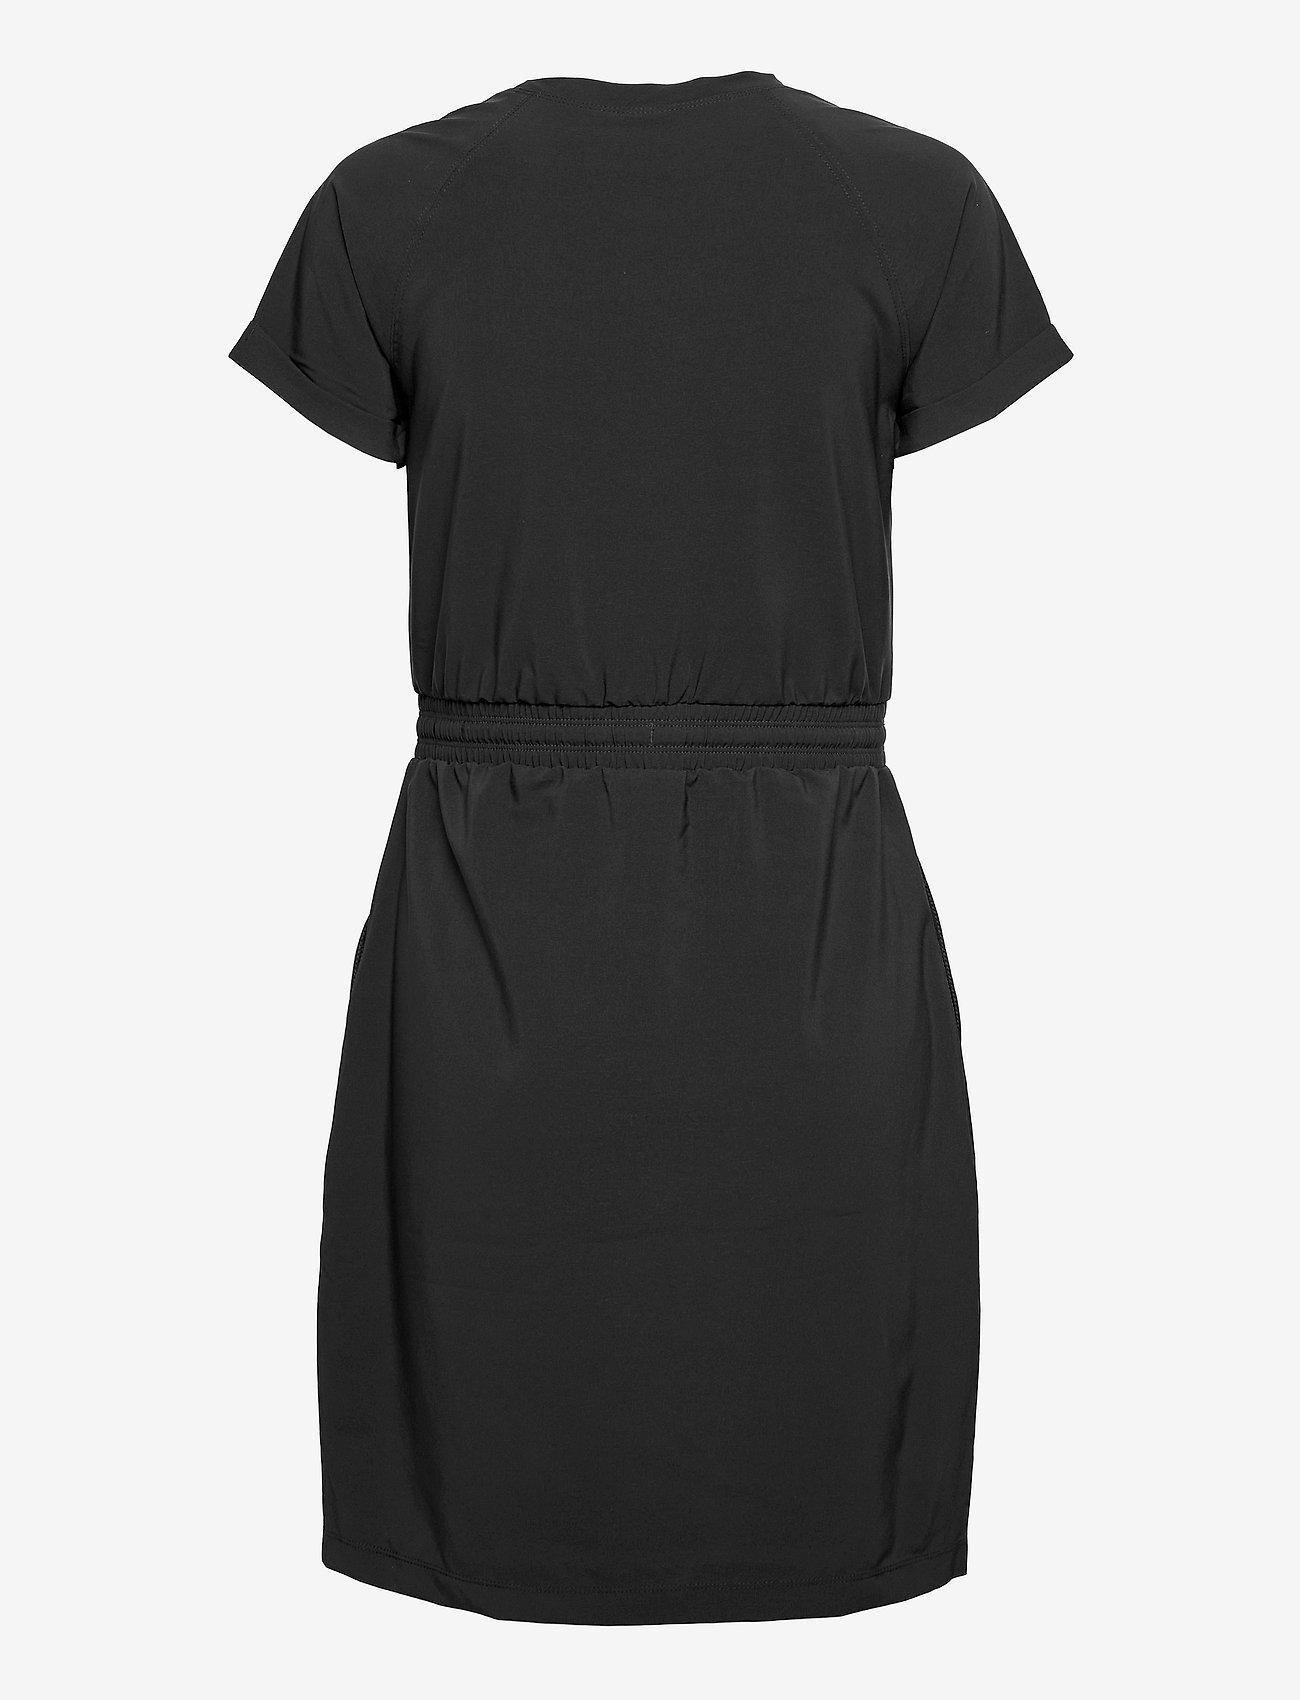 The North Face - W NSW DRESS - sommerkjoler - tnf black - 1